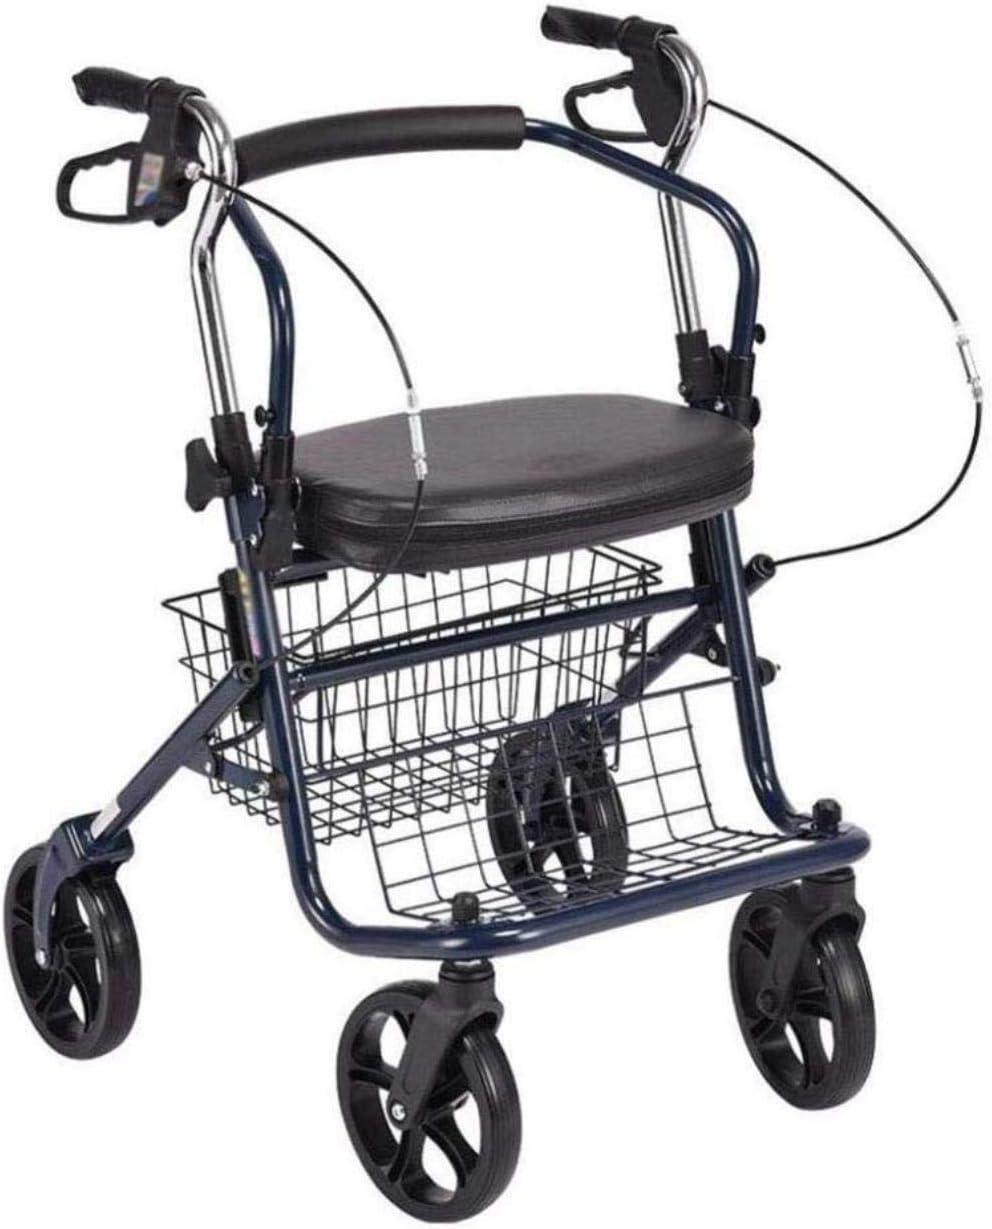 Andadores para discapacidad Andador para Ancianos Carro Puede Sentarse en el Antiguo Cesta de la Compra for Comprar Alimentos y Ligero Plegable Caminar Ayuda de muletas sillas de Ruedas (Color : B)